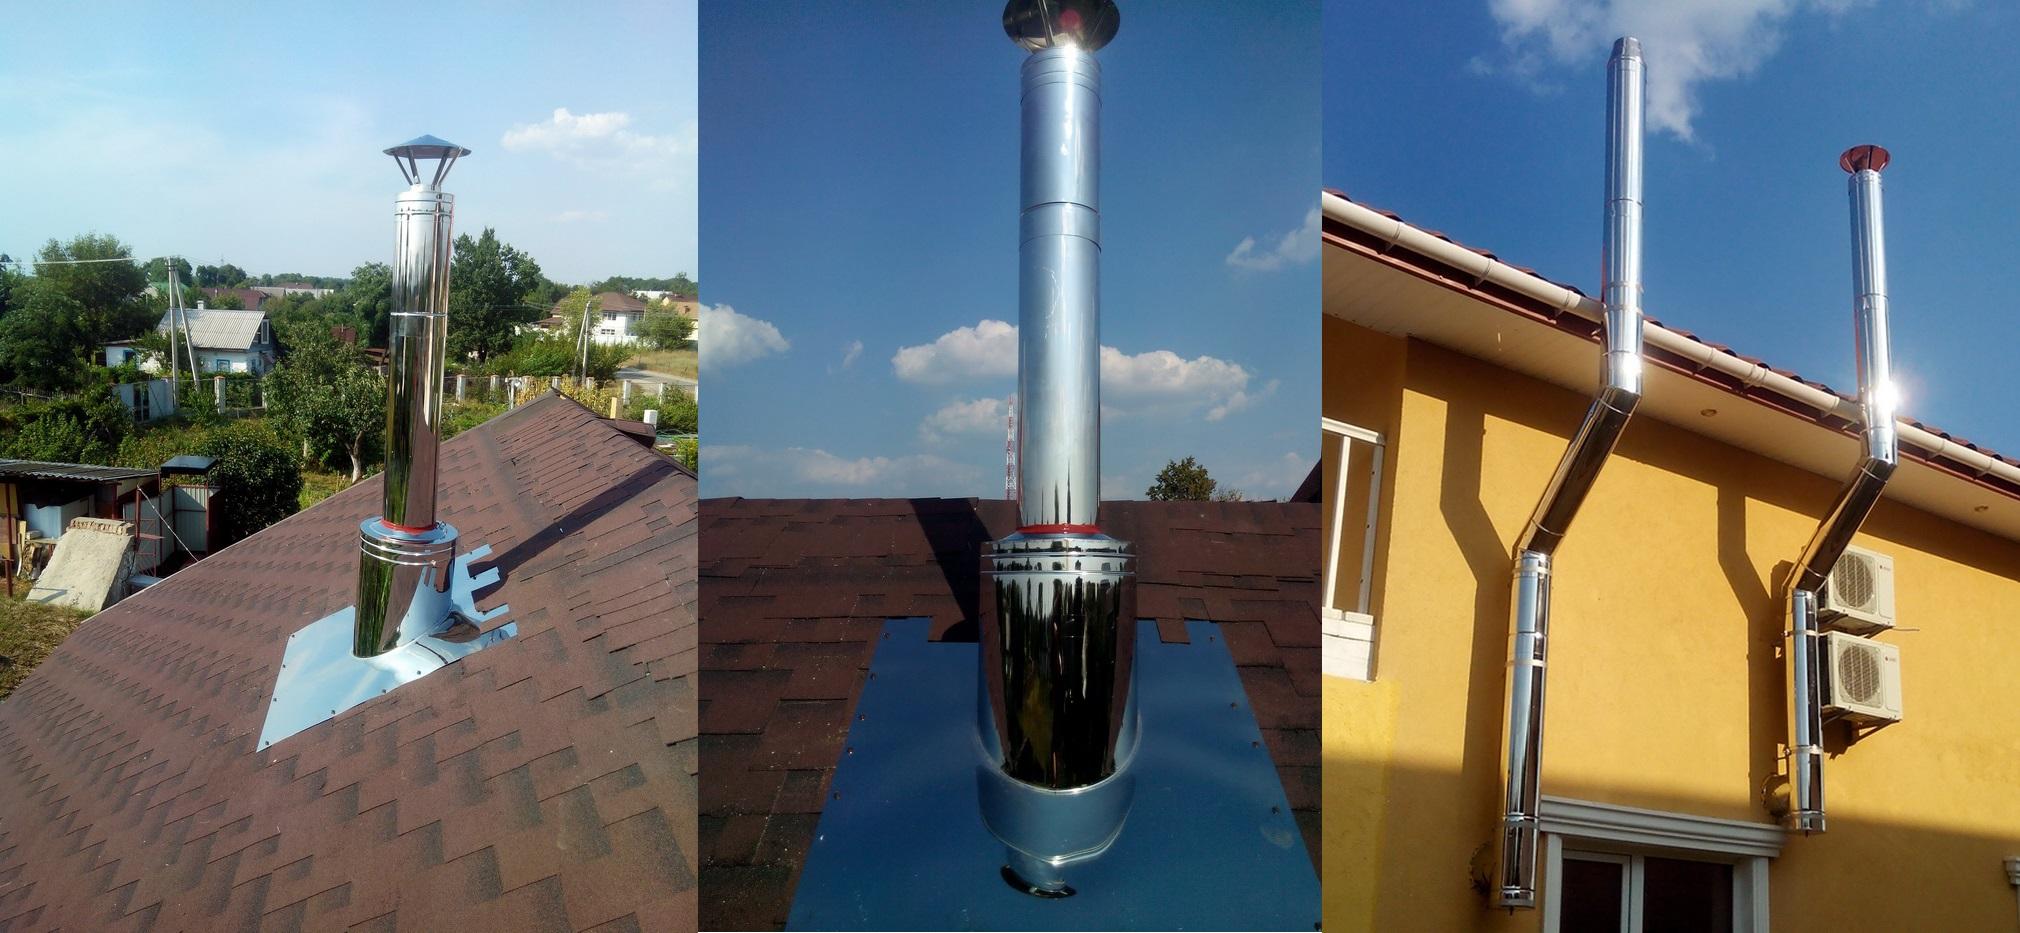 Растяжка для дымохода на крыше своими руками 54